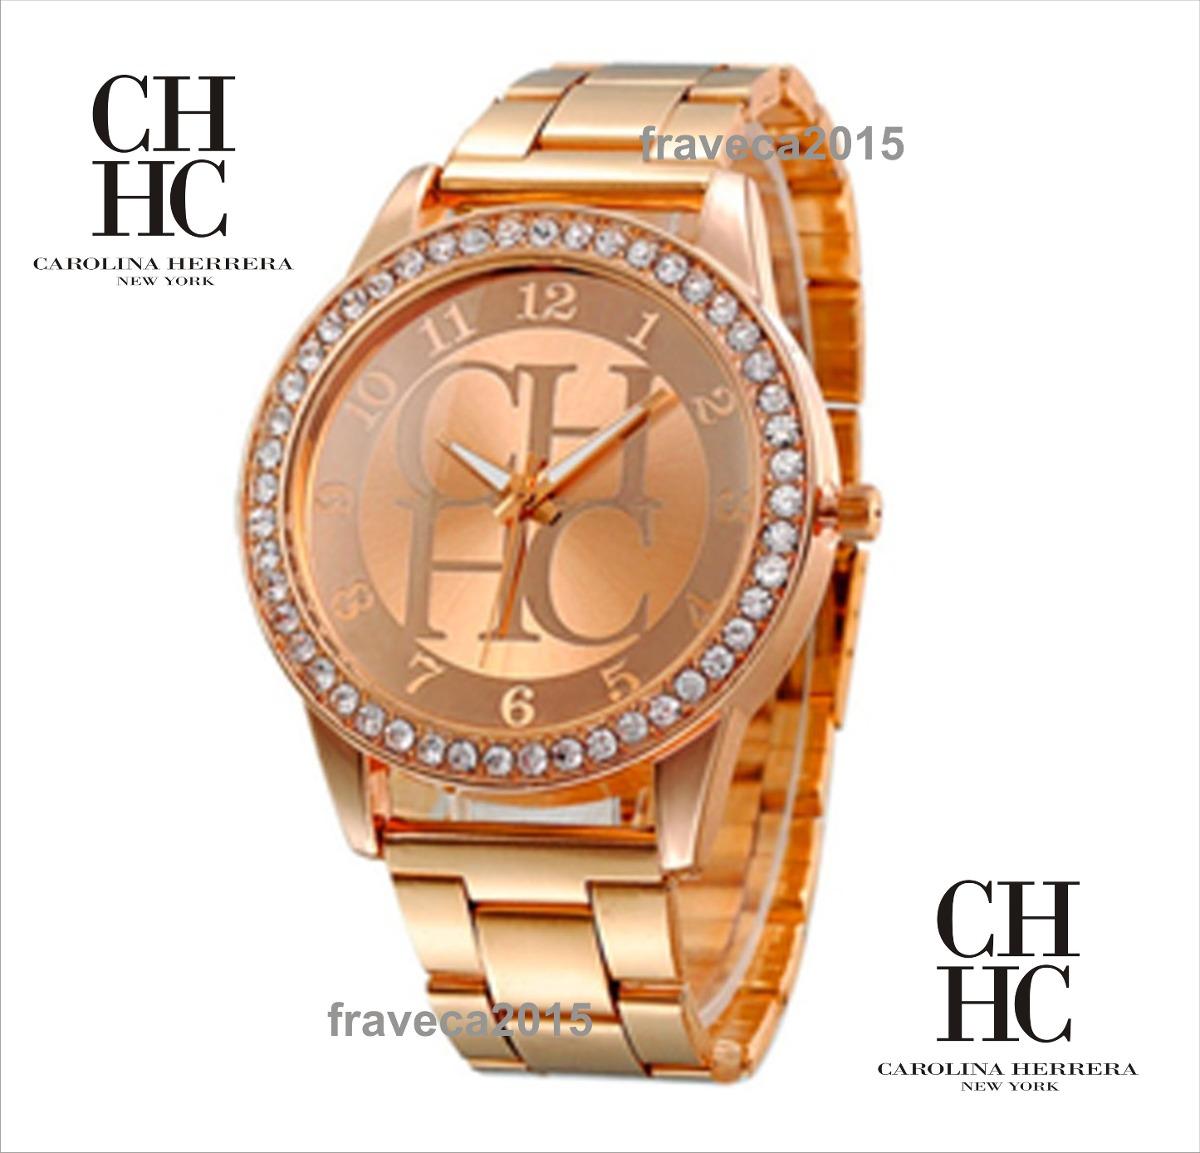 72cc45334e91 reloj dama carolina herrera con zilcones color bronce rosa. Cargando zoom.